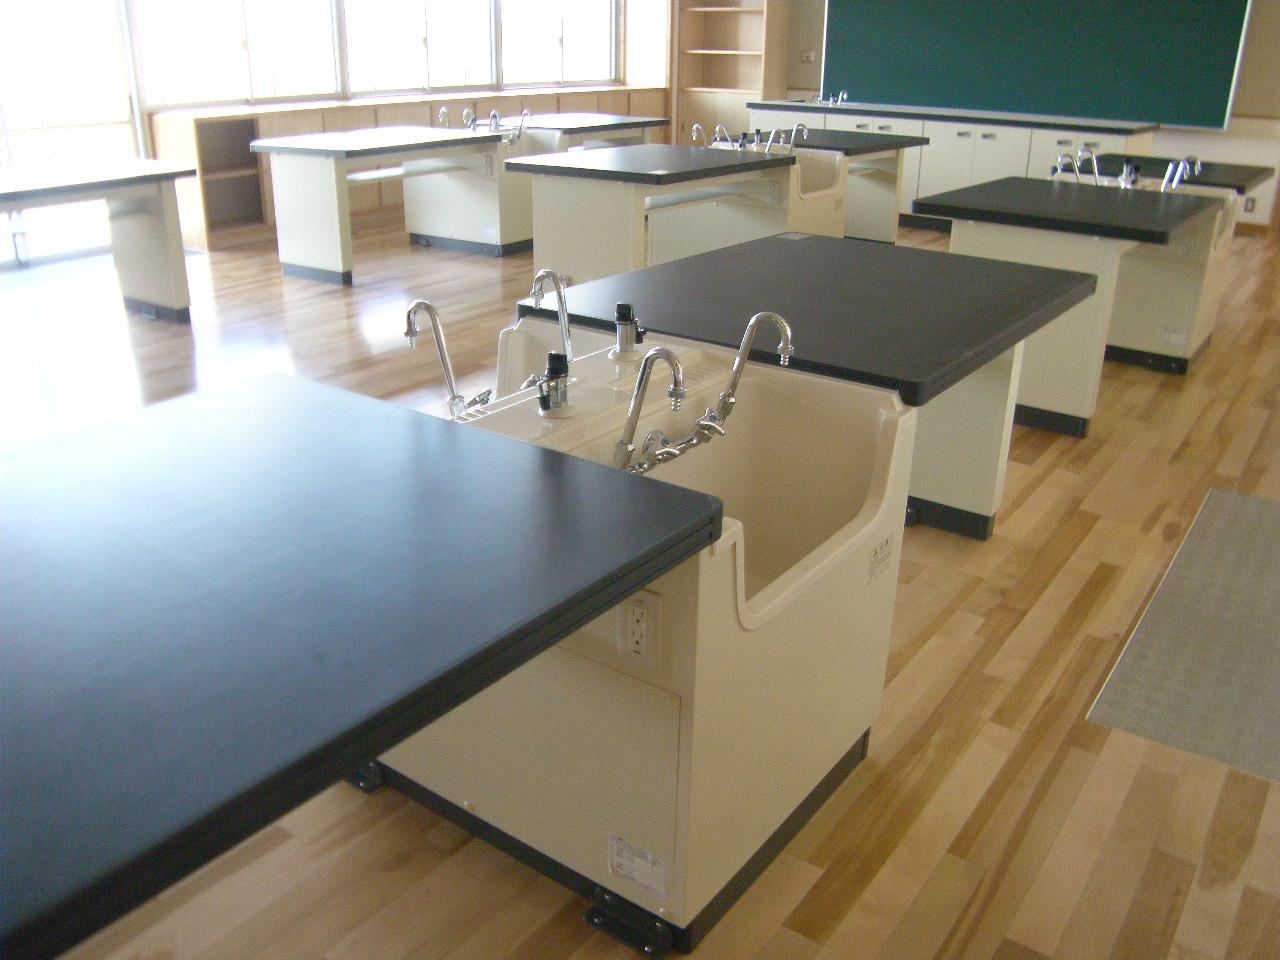 向陽中学校校舎冷暖房給排水、屋内運動場機械設備工事